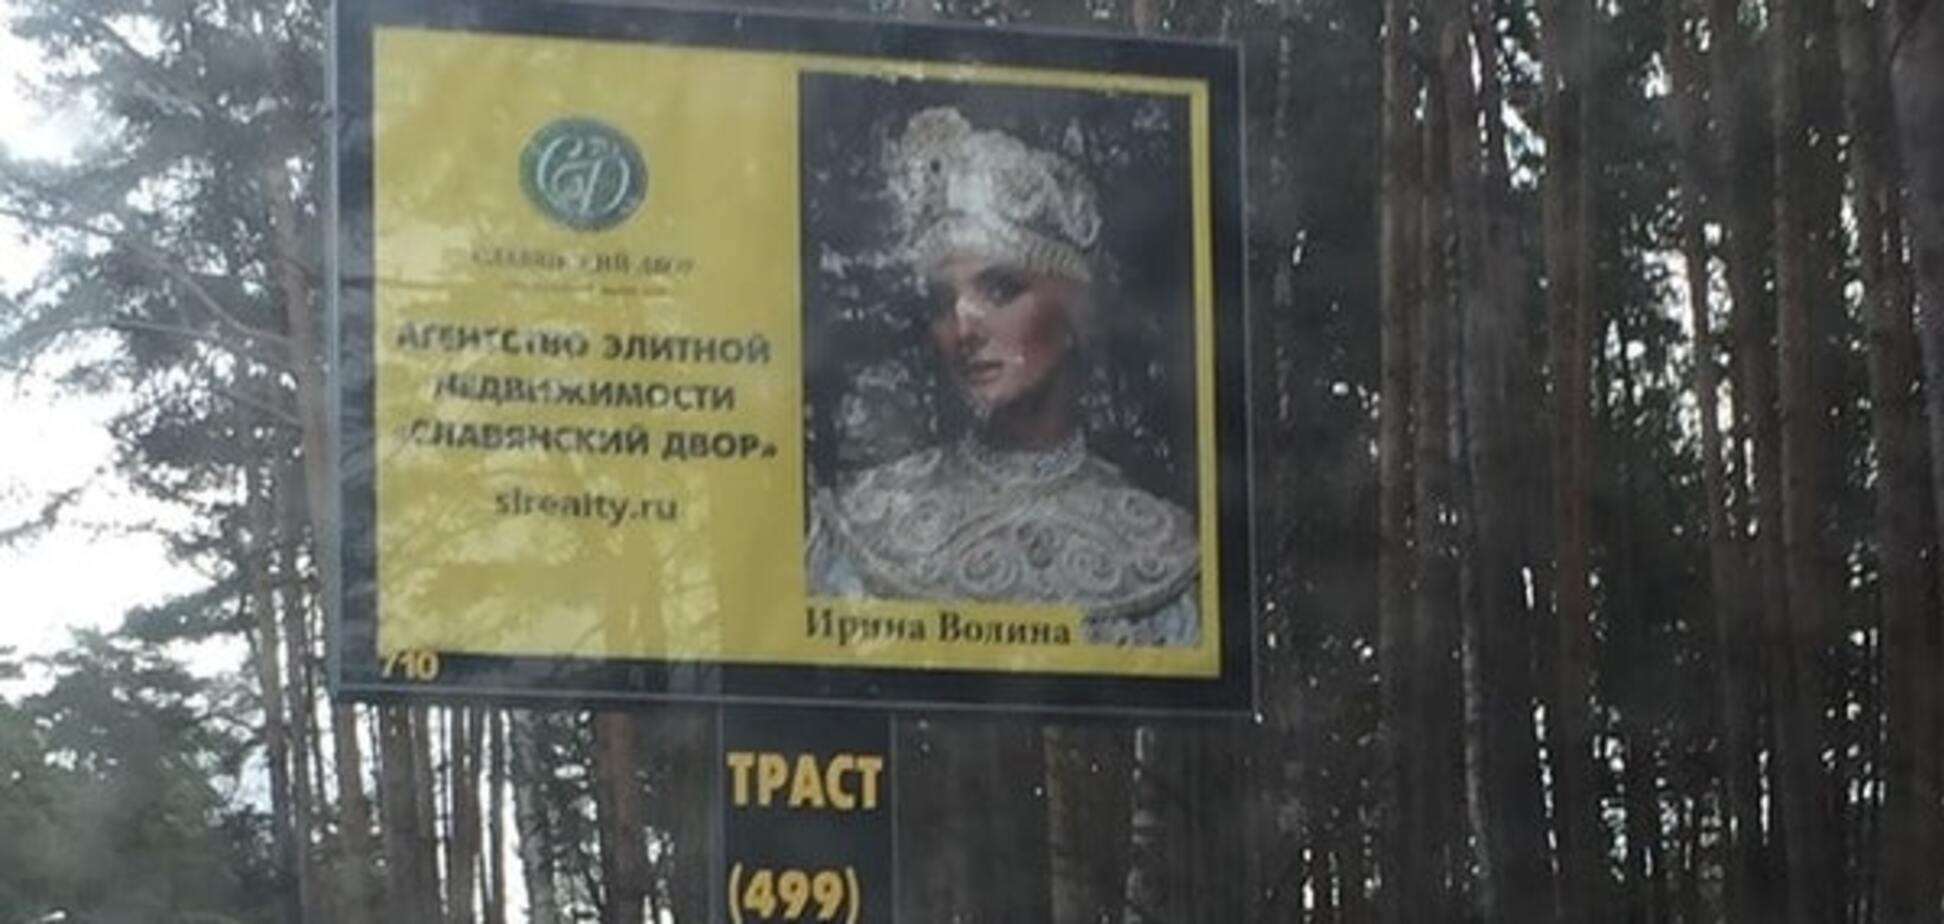 'За російського царя і Бога благаю': в мережі показали дивну 'патріотичну' рекламу на Рубльовці. Фотофакт